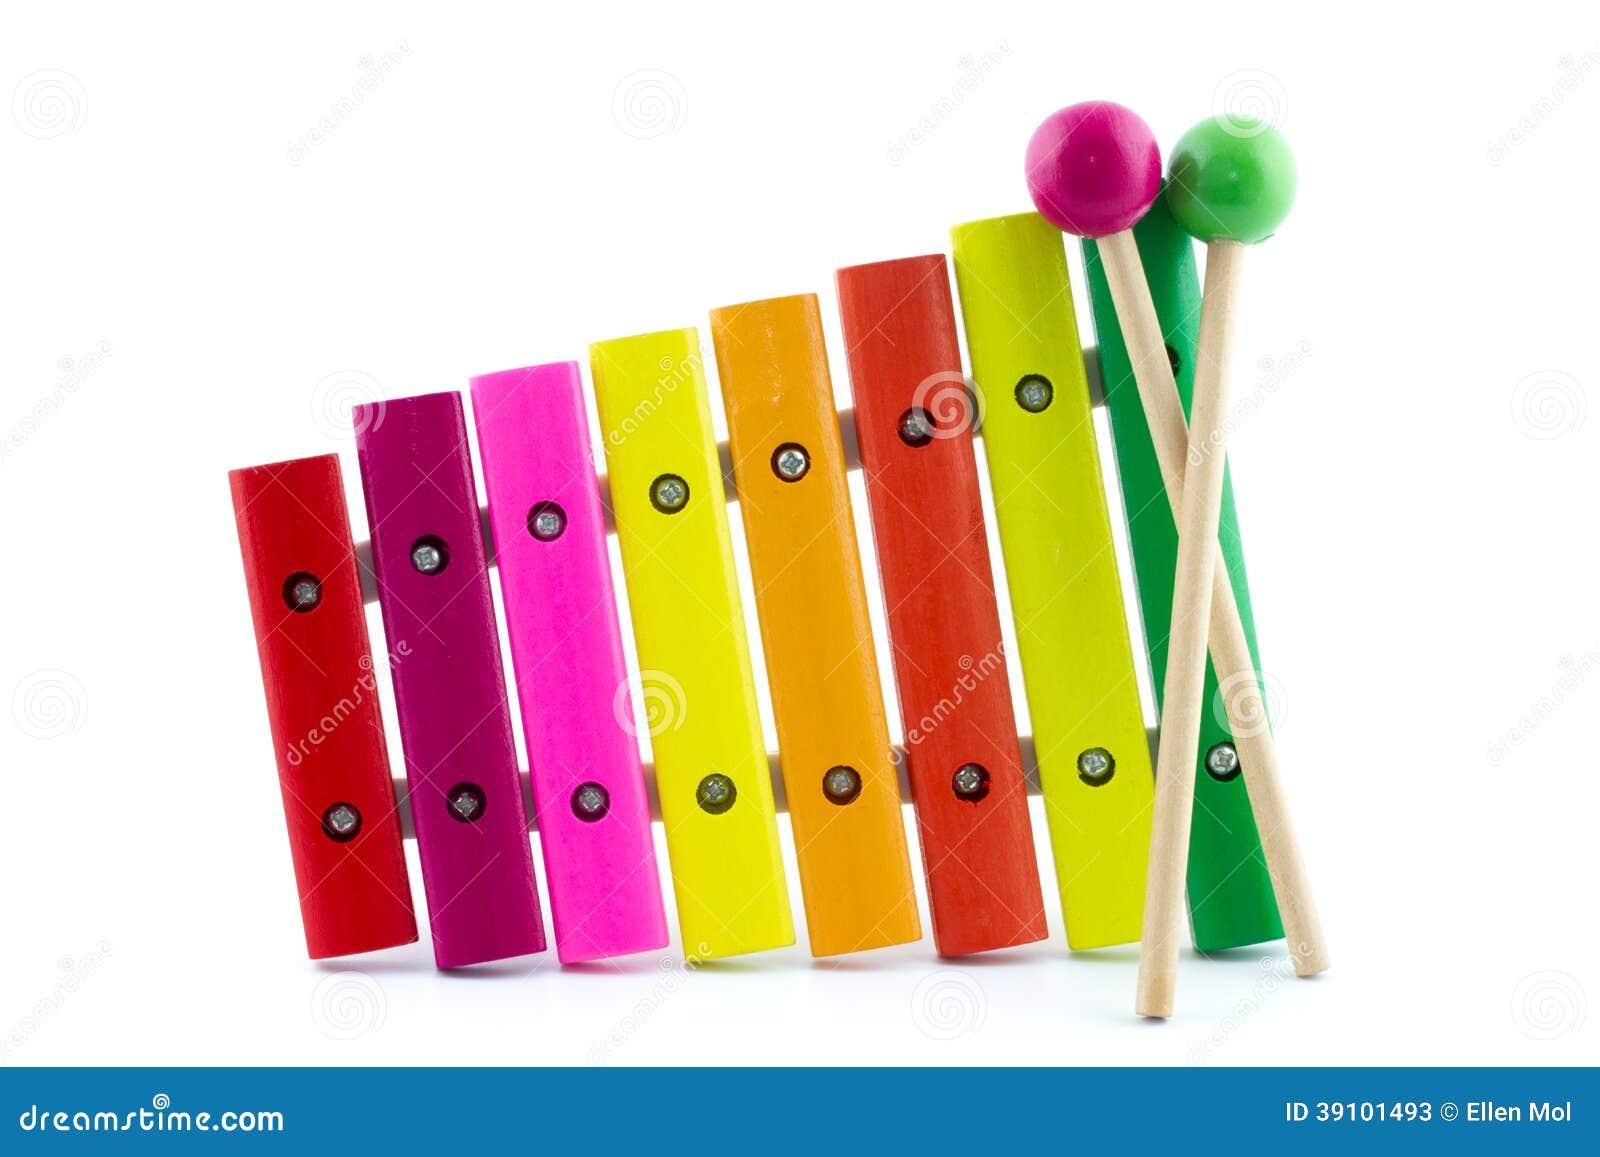 Veelkleurige xylofoon met twee houten stokken